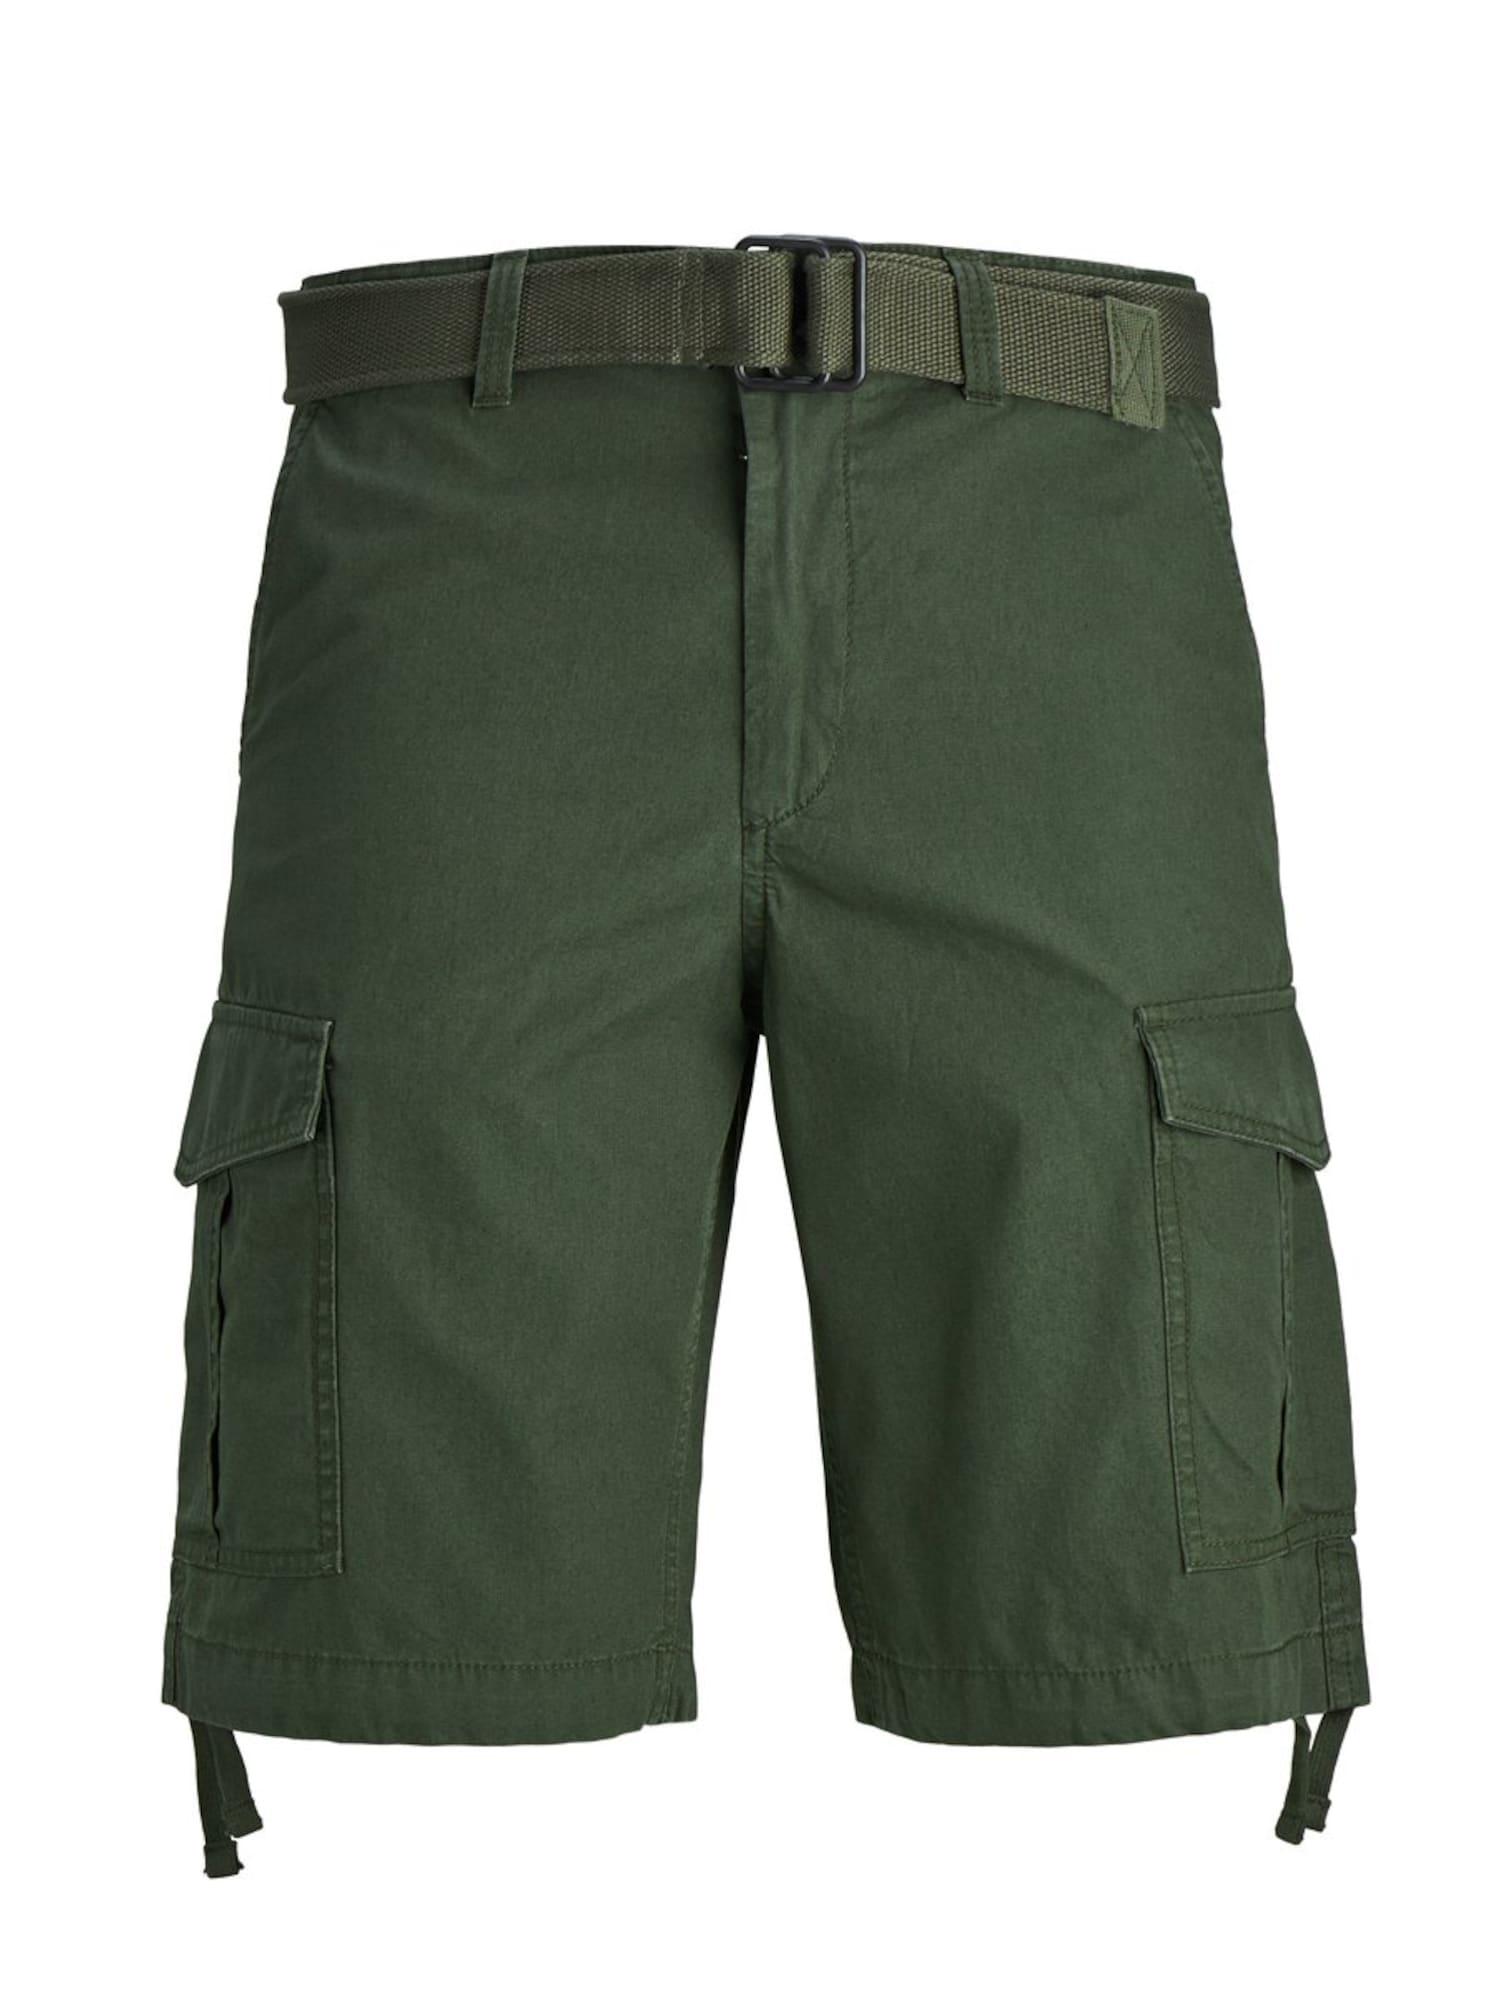 JACK & JONES Laisvo stiliaus kelnės 'CHARLIE' tamsiai žalia